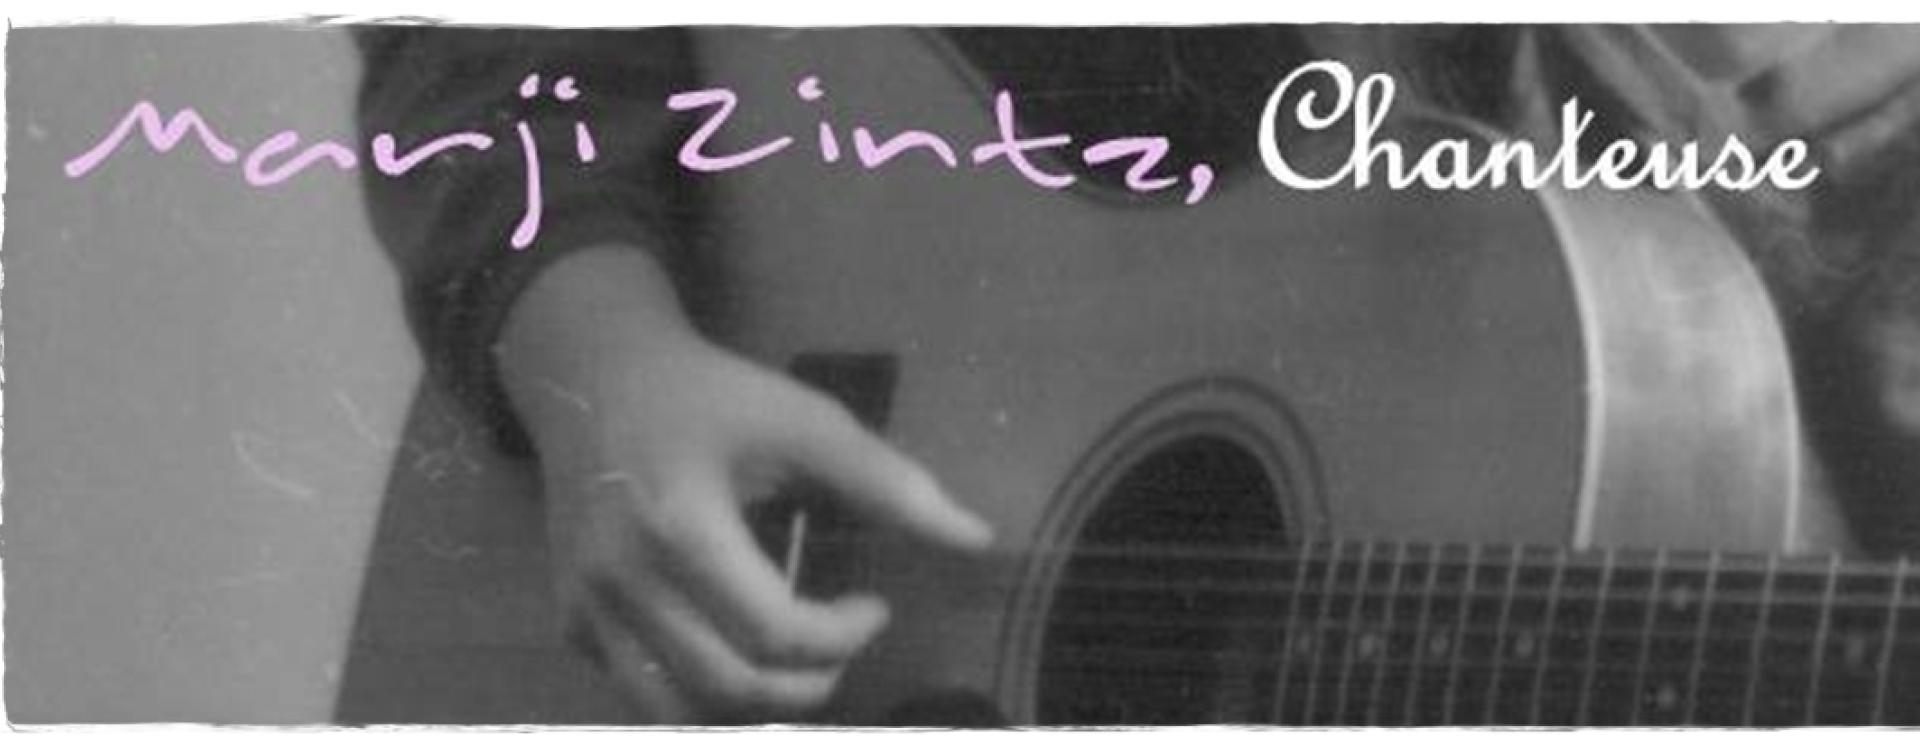 Marji zintz chanteuse banner 1446 x 400 copy